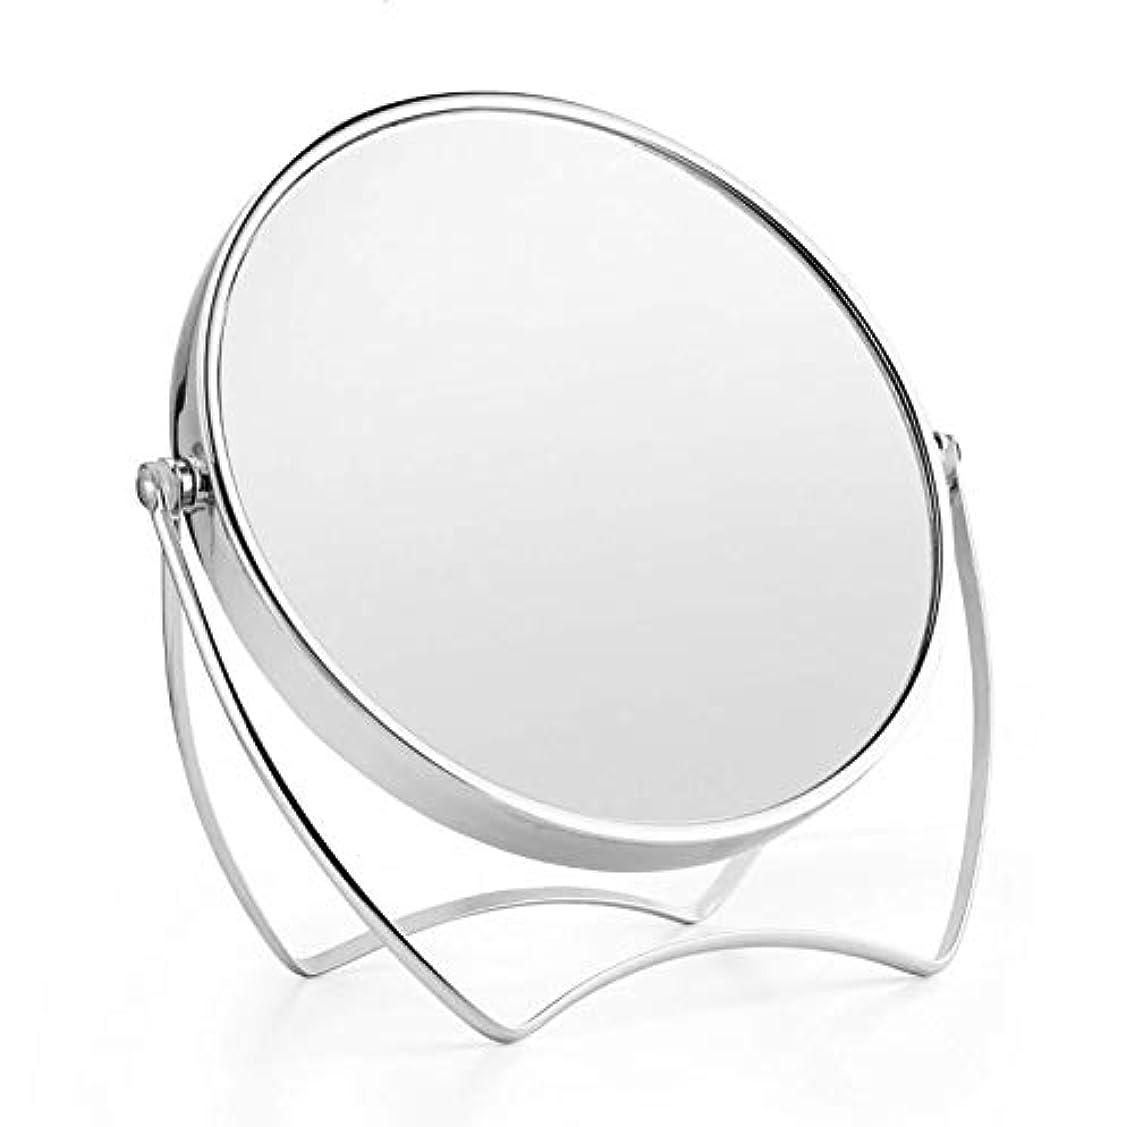 敬礼ベルハンサム1倍/5倍拡大鏡化粧鏡 メイクミラー 両面化粧鏡 ラウンドミラー 女優ミラー スタンドミラー 卓上鏡 360°回転ブラケット メタルフレームバニティミラー 寝室や浴室に適しています(15cm)